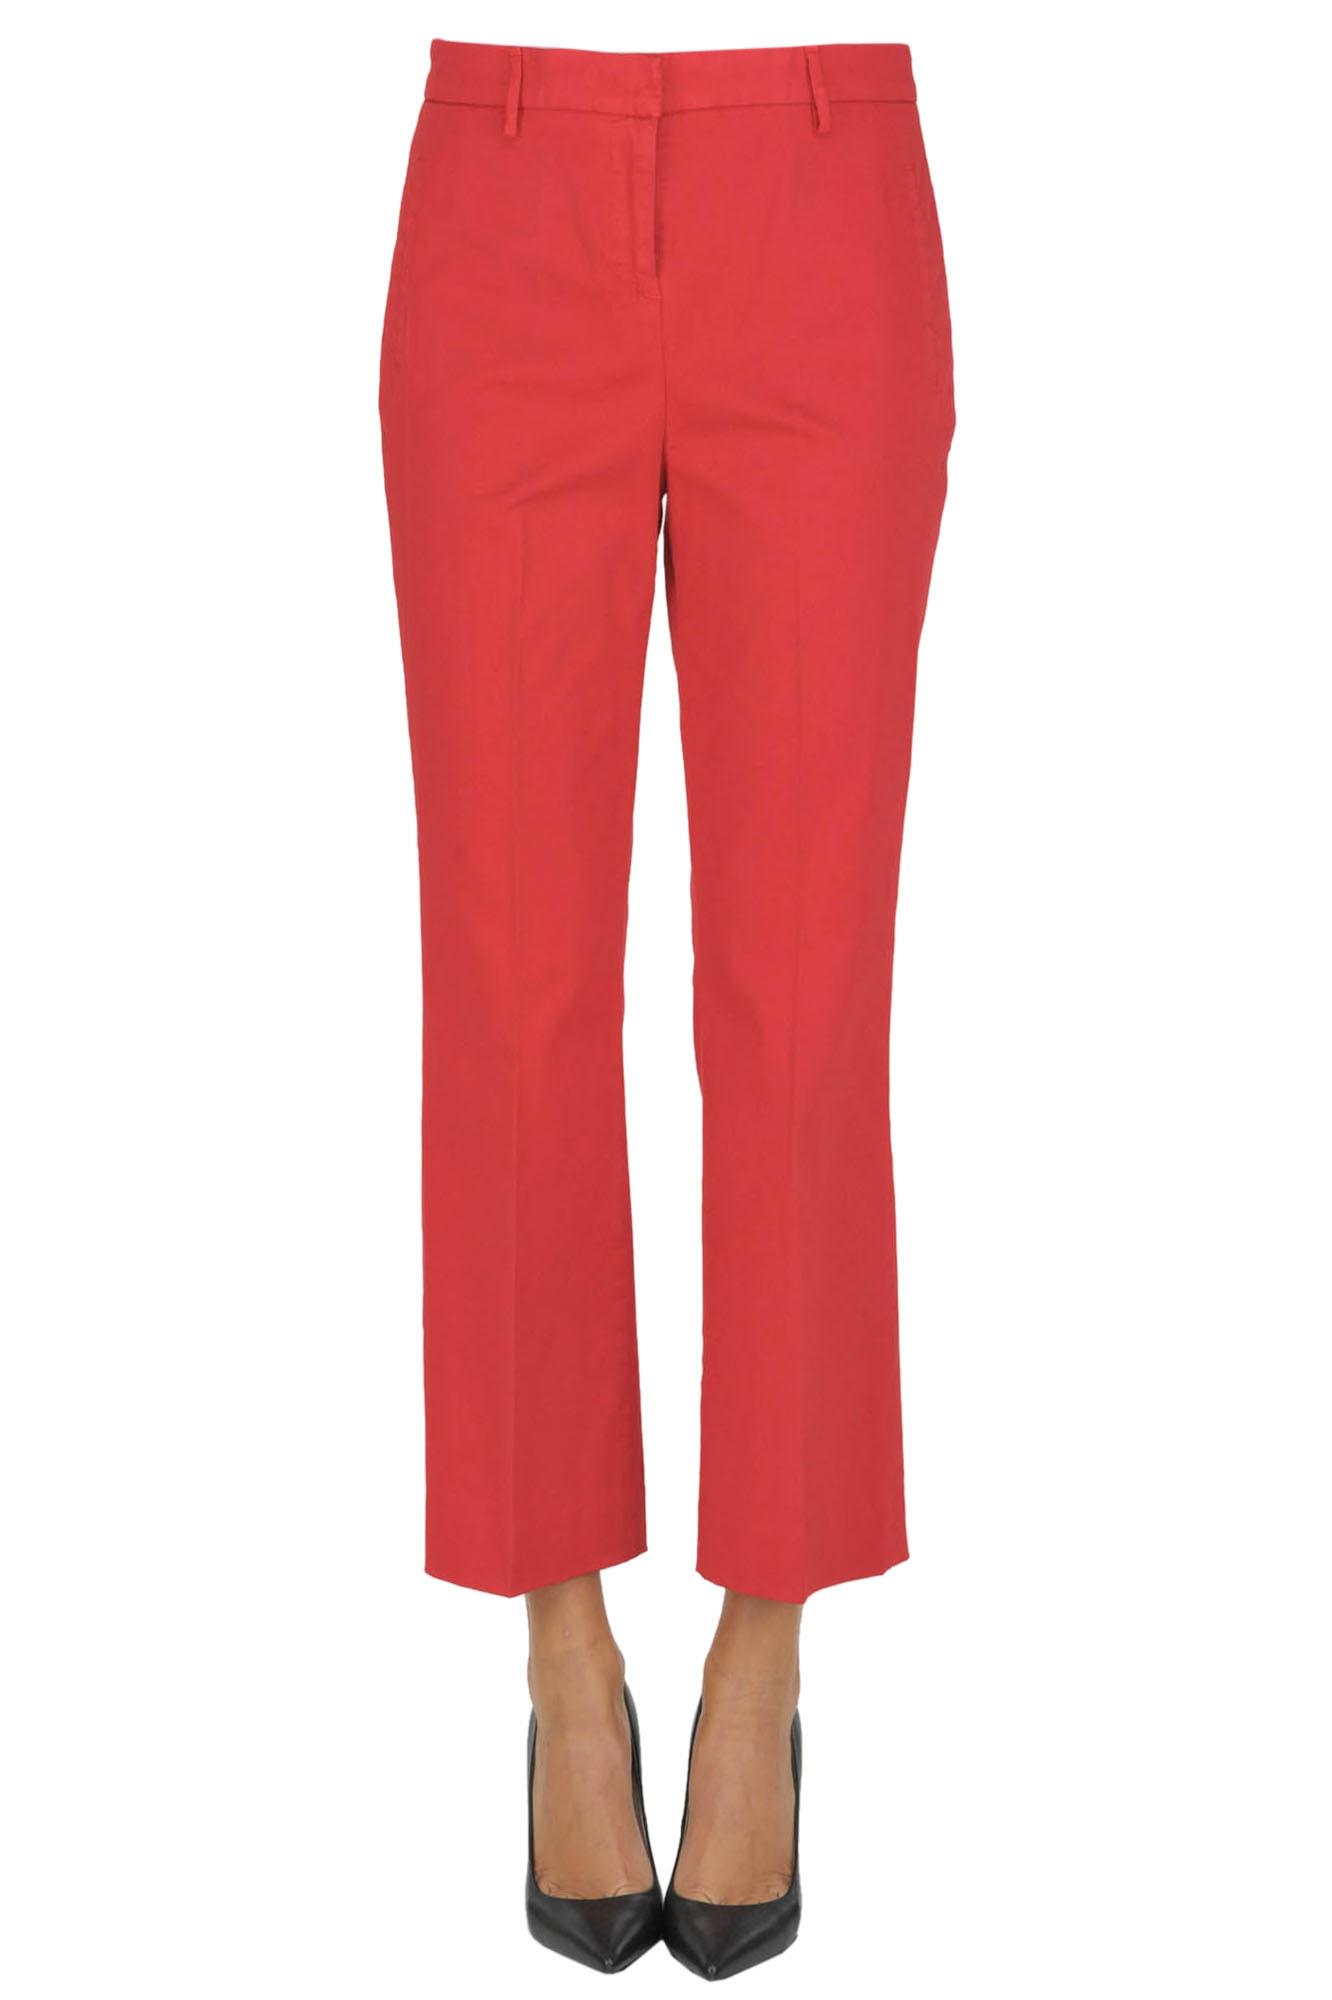 Image of Pantaloni alla caviglia in cotone